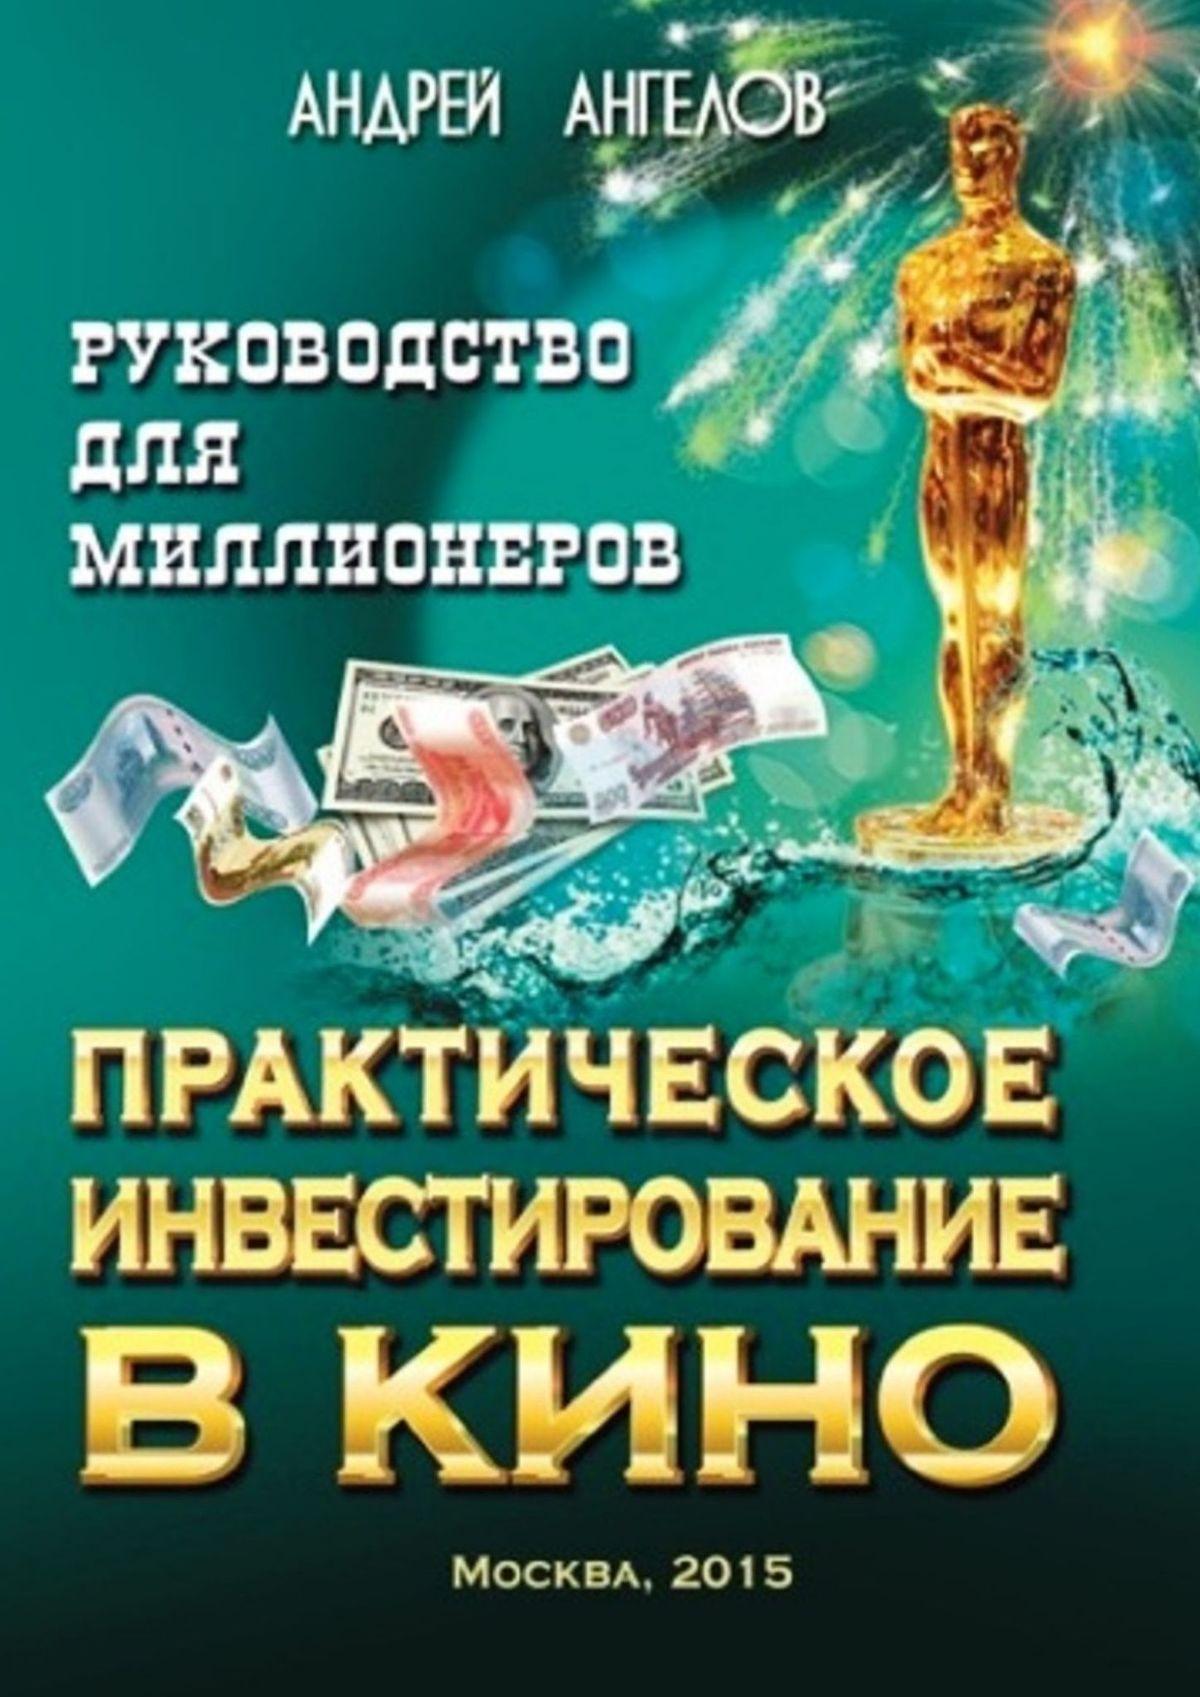 Обложка книги Практическое инвестирование вкино. Руководство для миллионеров